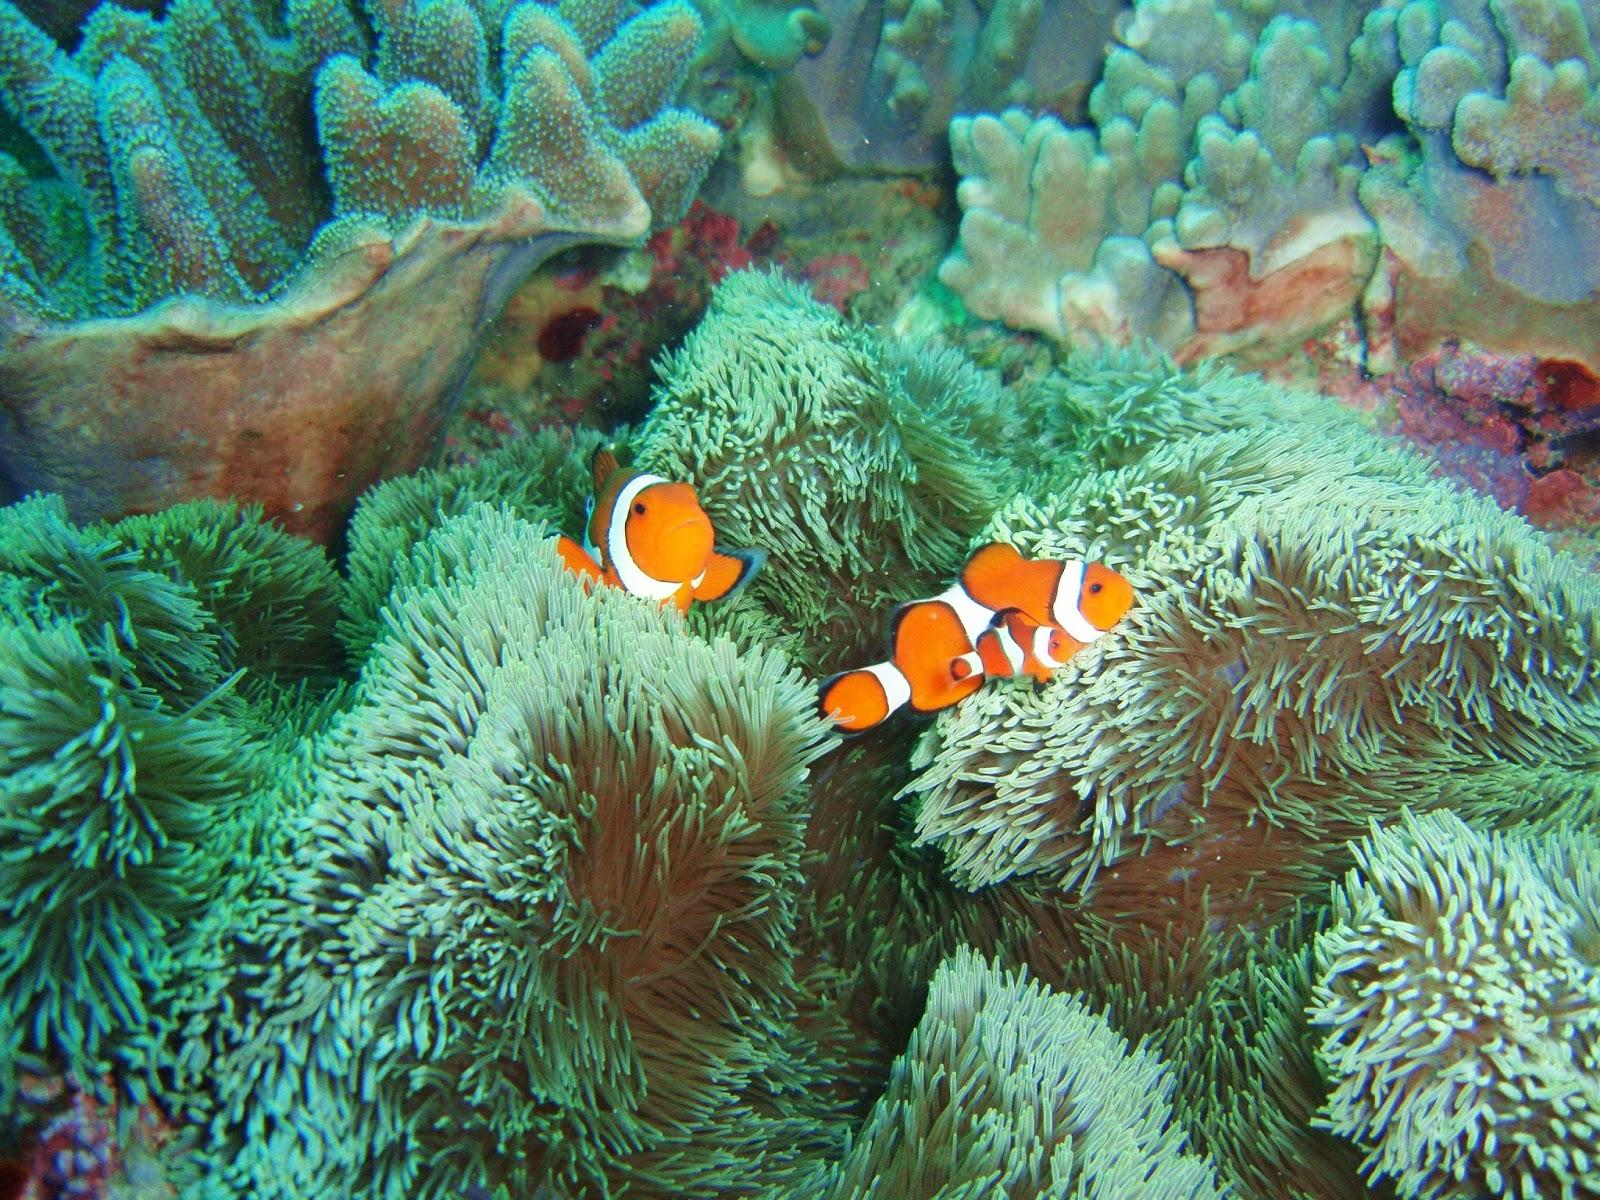 沖繩-潛水-浮潛-砂邊-推薦-Okinawa-scuba-diving-snorkeling